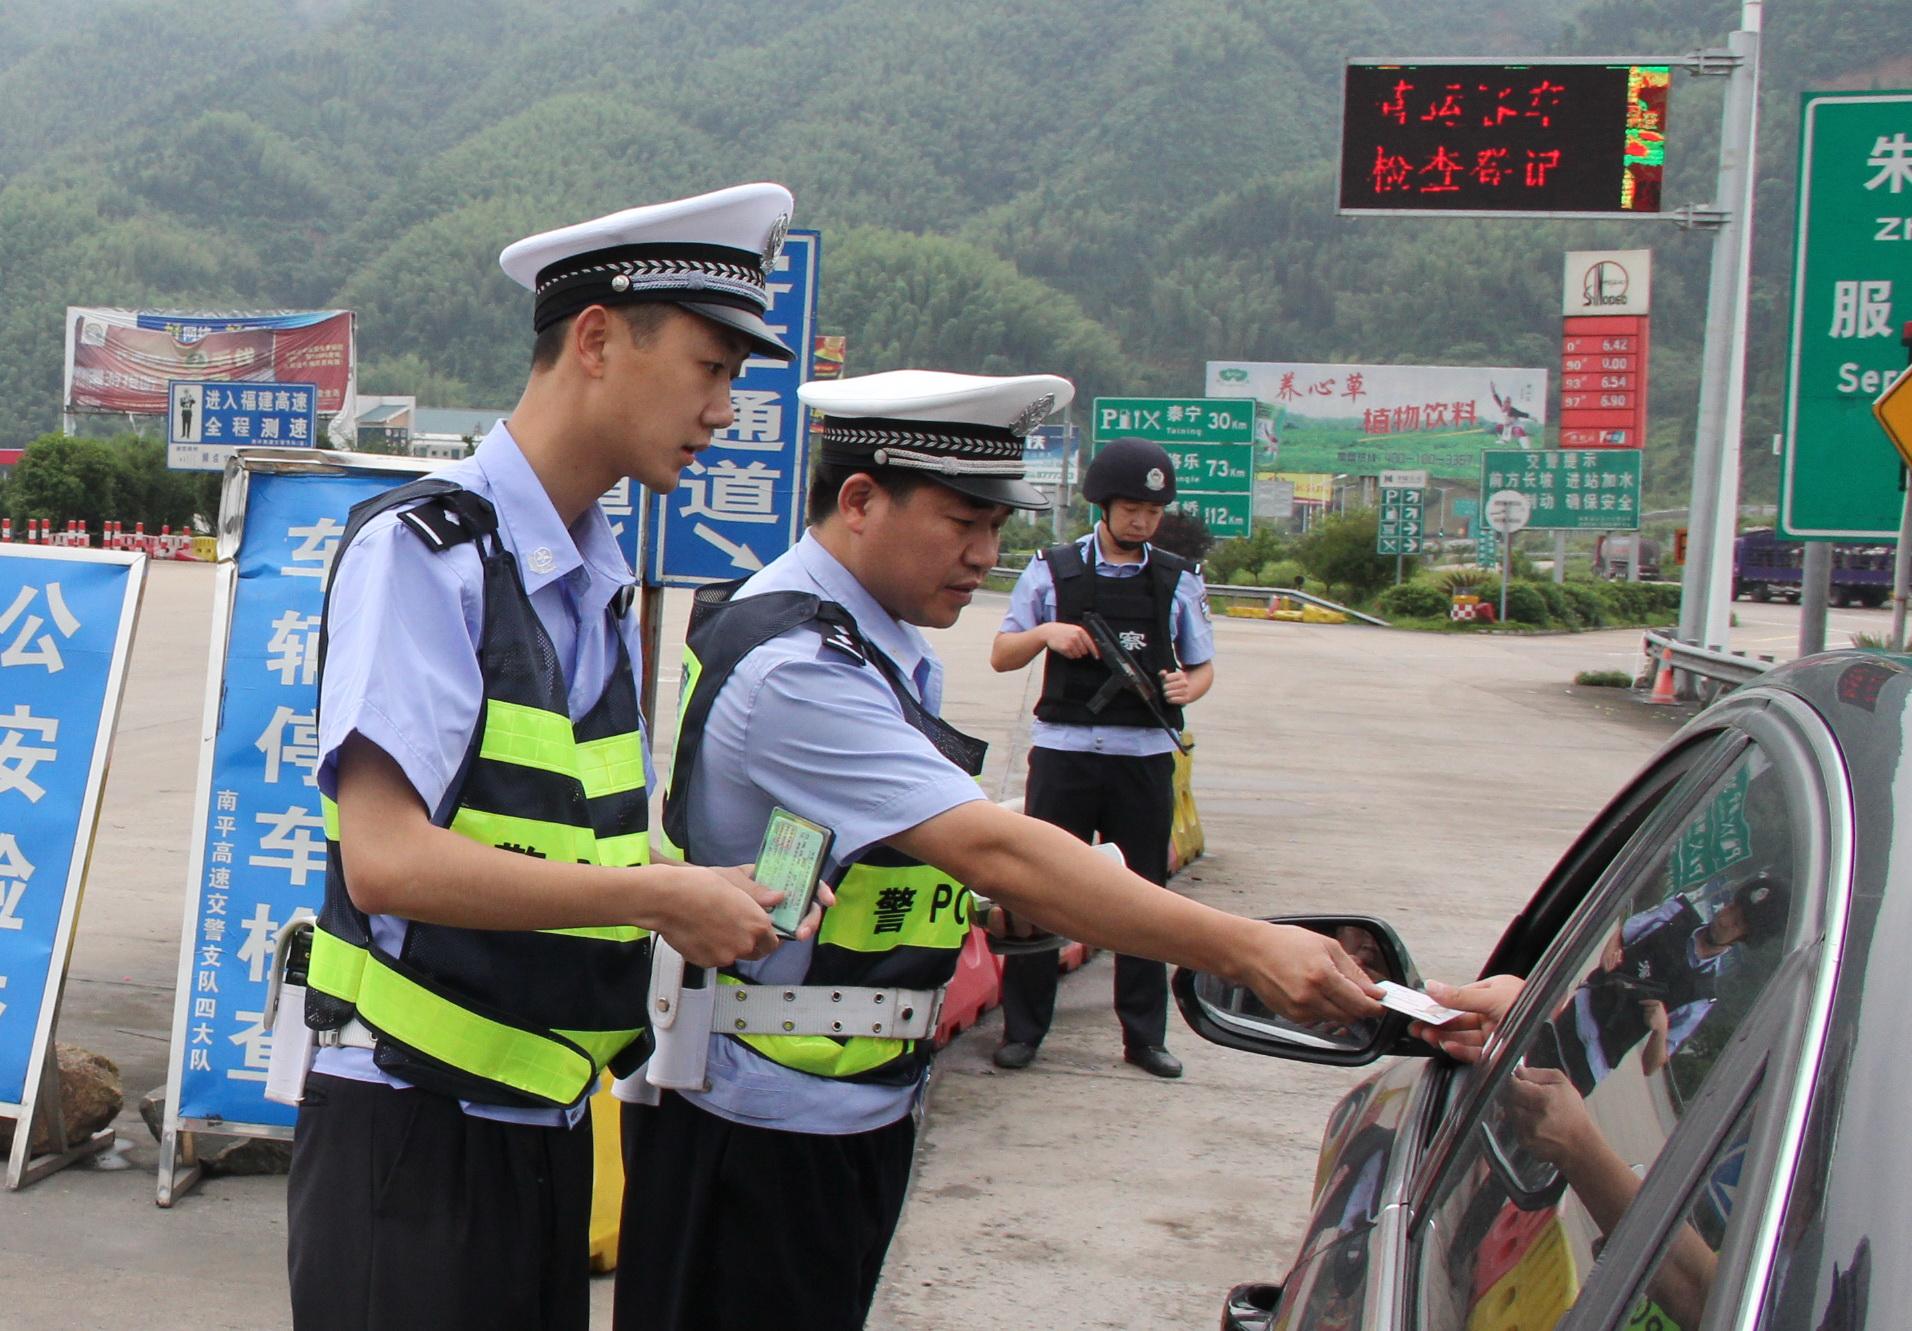 2014年6月,刘才增与同事俞有忠在福银高速闽赣省际收费站检查以前车辆证件。李嘉 摄